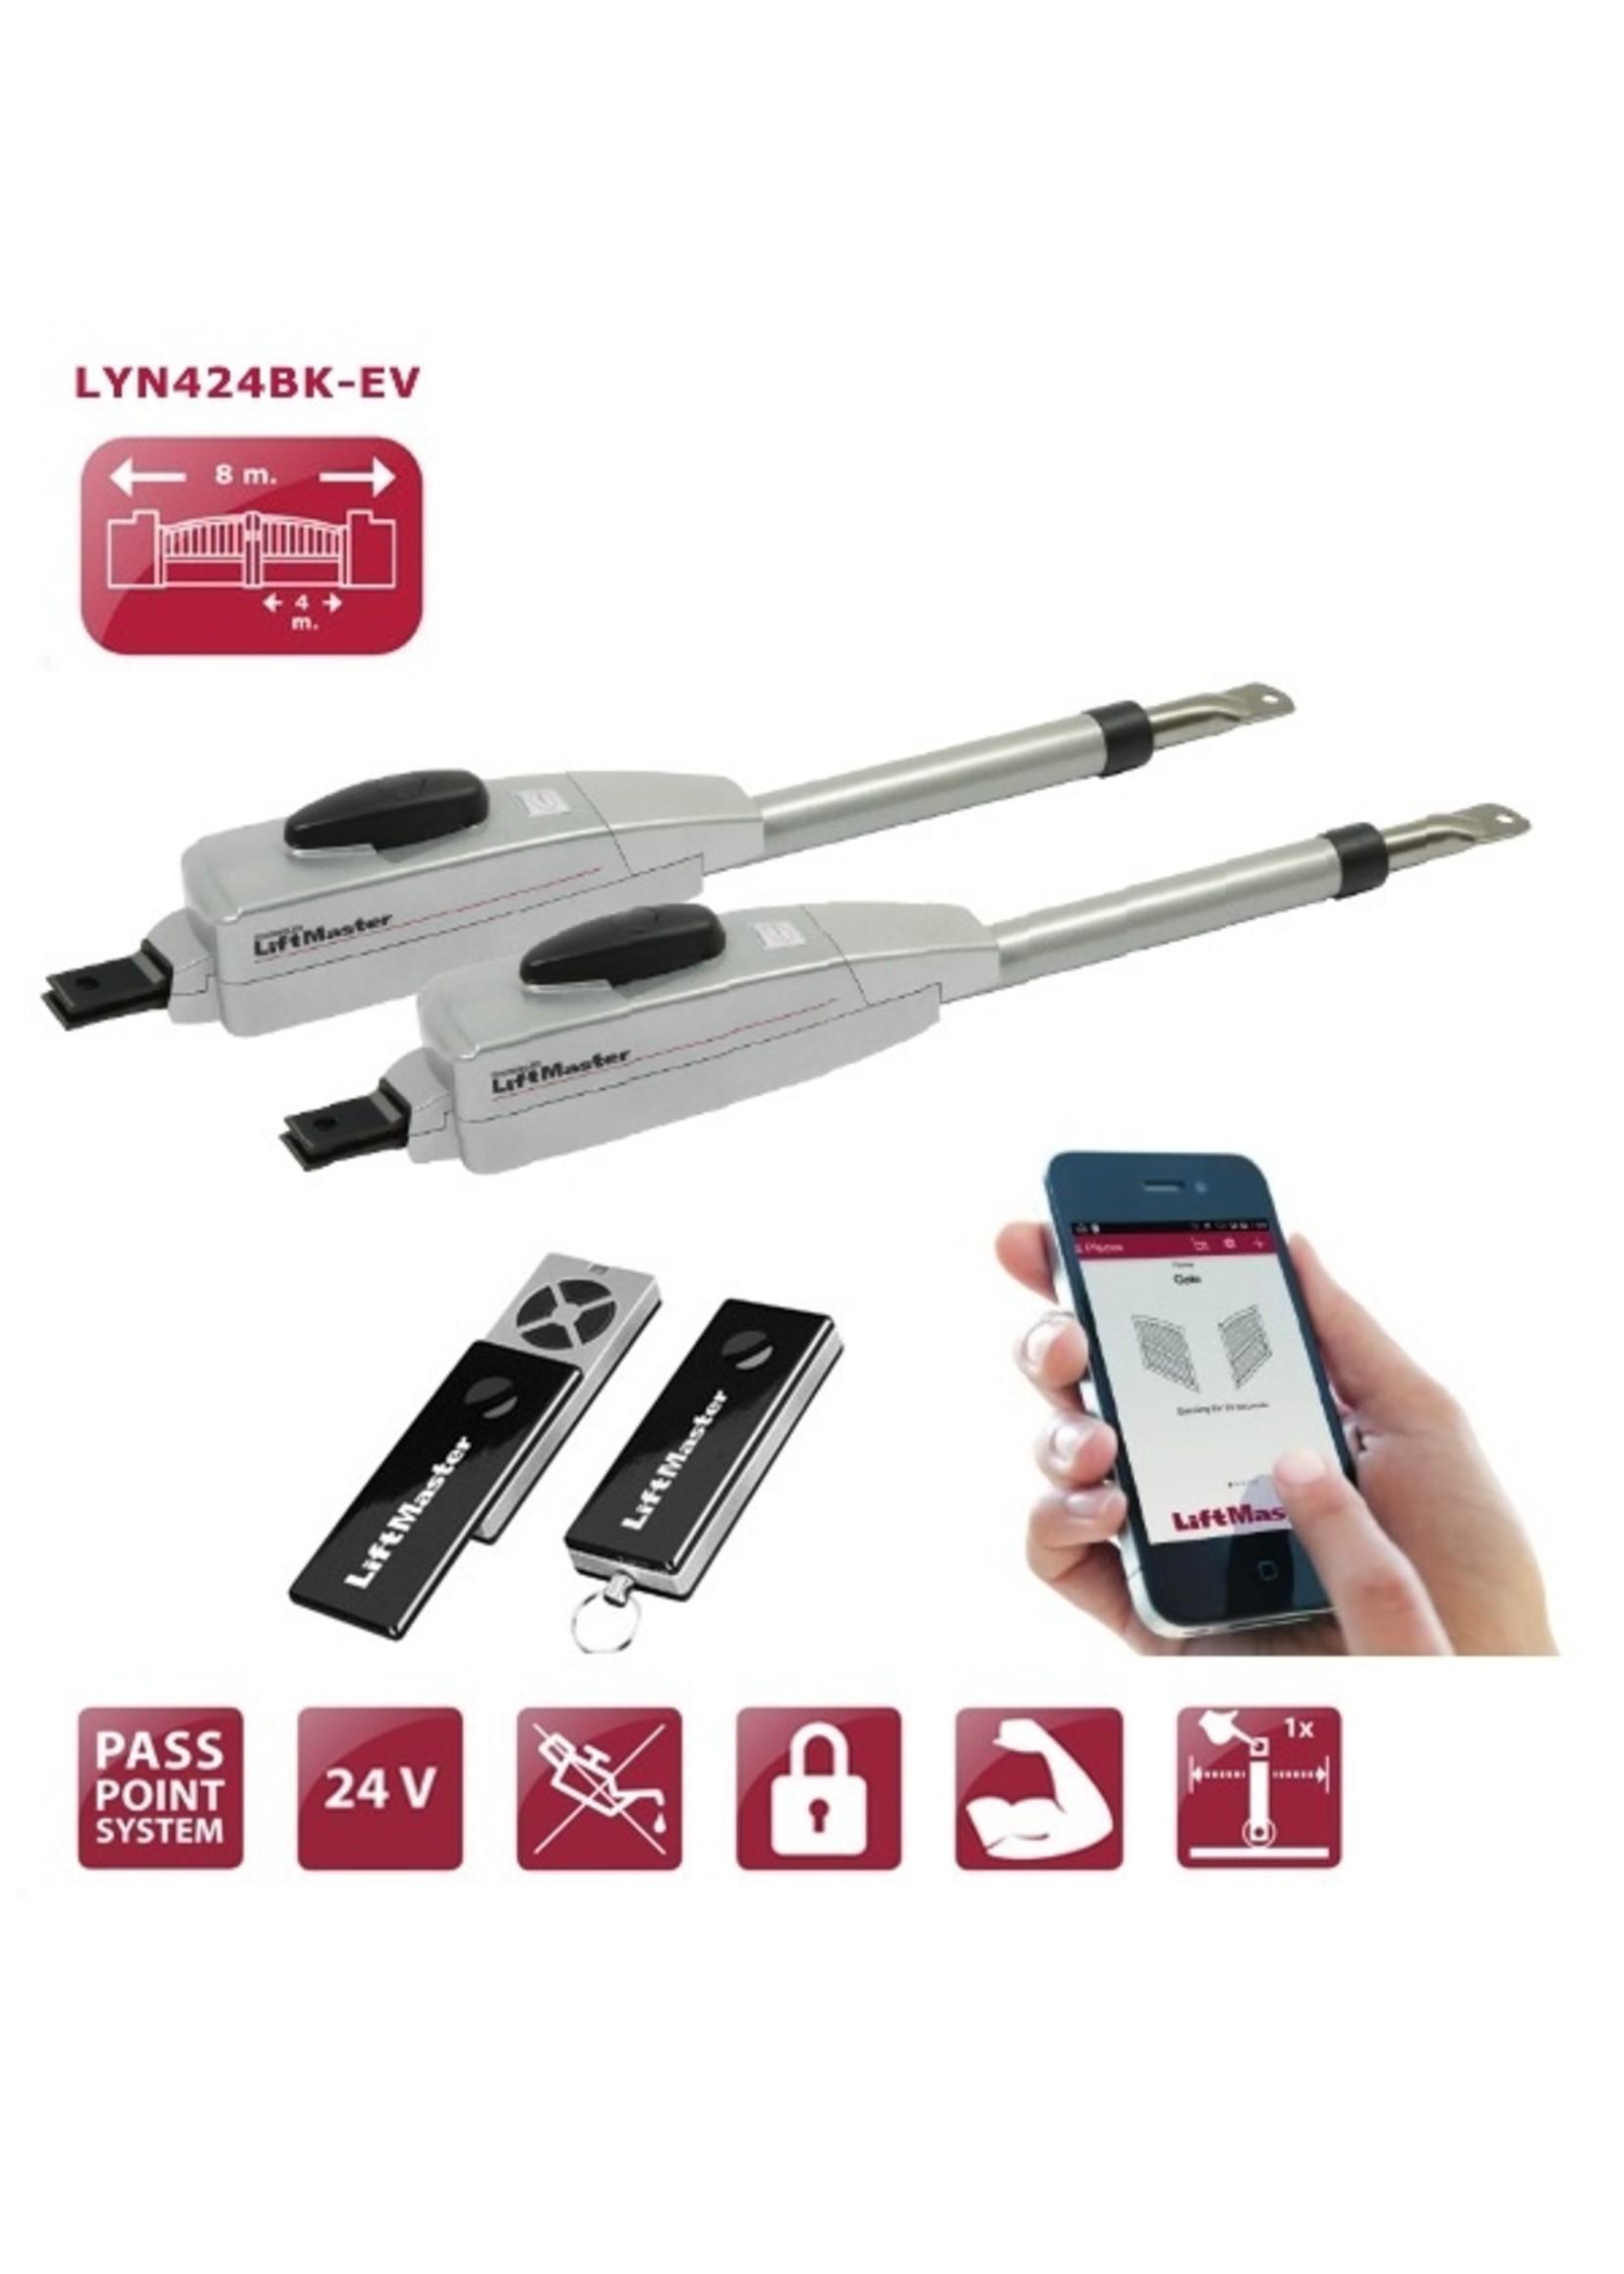 Liftmaster LYN424K-EV Poortopener kit voor grote vleugelpoorten LYN400-24